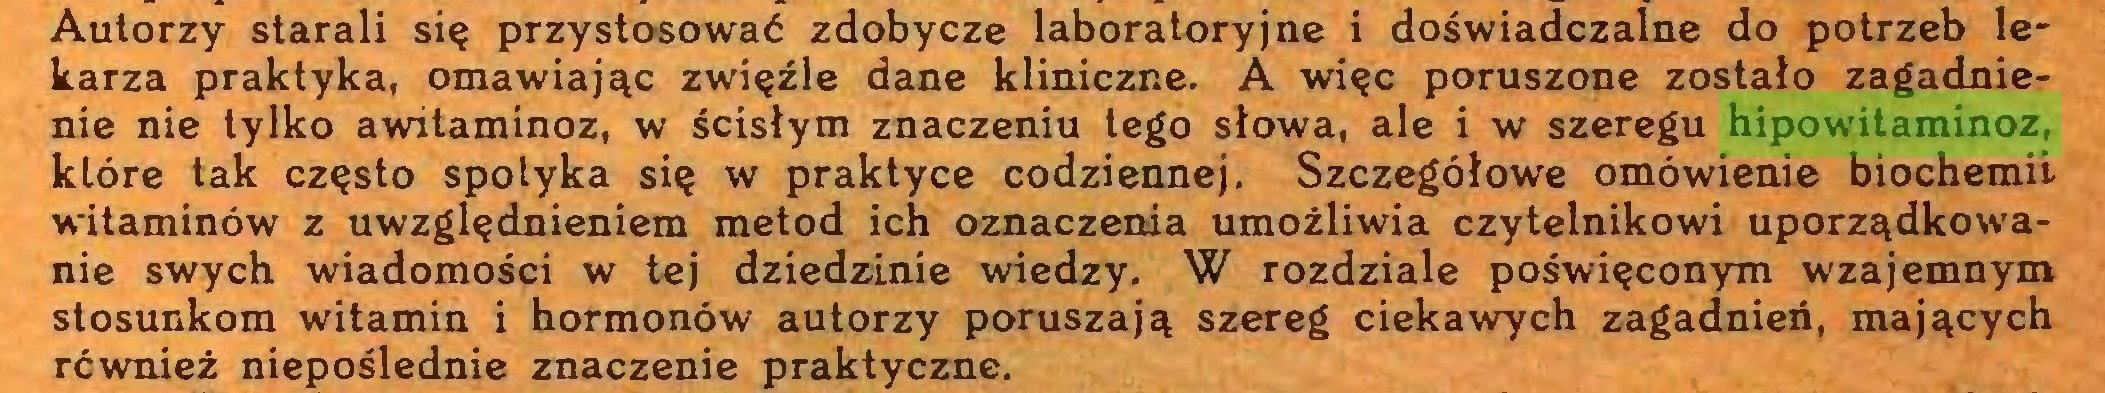 (...) Autorzy starali się przystosować zdobycze laboratoryjne i doświadczalne do potrzeb lekarza praktyka, omawiając zwięźle dane kliniczne. A więc poruszone zostało zagadnienie nie tylko awitaminoz, w ścisłym znaczeniu tego słowa, ale i w szeregu hipowitaminoz, które tak często spotyka się w praktyce codziennej. Szczegółowe omówienie biochemii witaminów z uwzględnieniem metod ich oznaczenia umożliwia czytelnikowi uporządkowanie swych wiadomości w tej dziedzinie wiedzy. W rozdziale poświęconym wzajemnym stosunkom witamin i hormonów autorzy poruszają szereg ciekawych zagadnień, mających również niepoślednie znaczenie praktyczne...